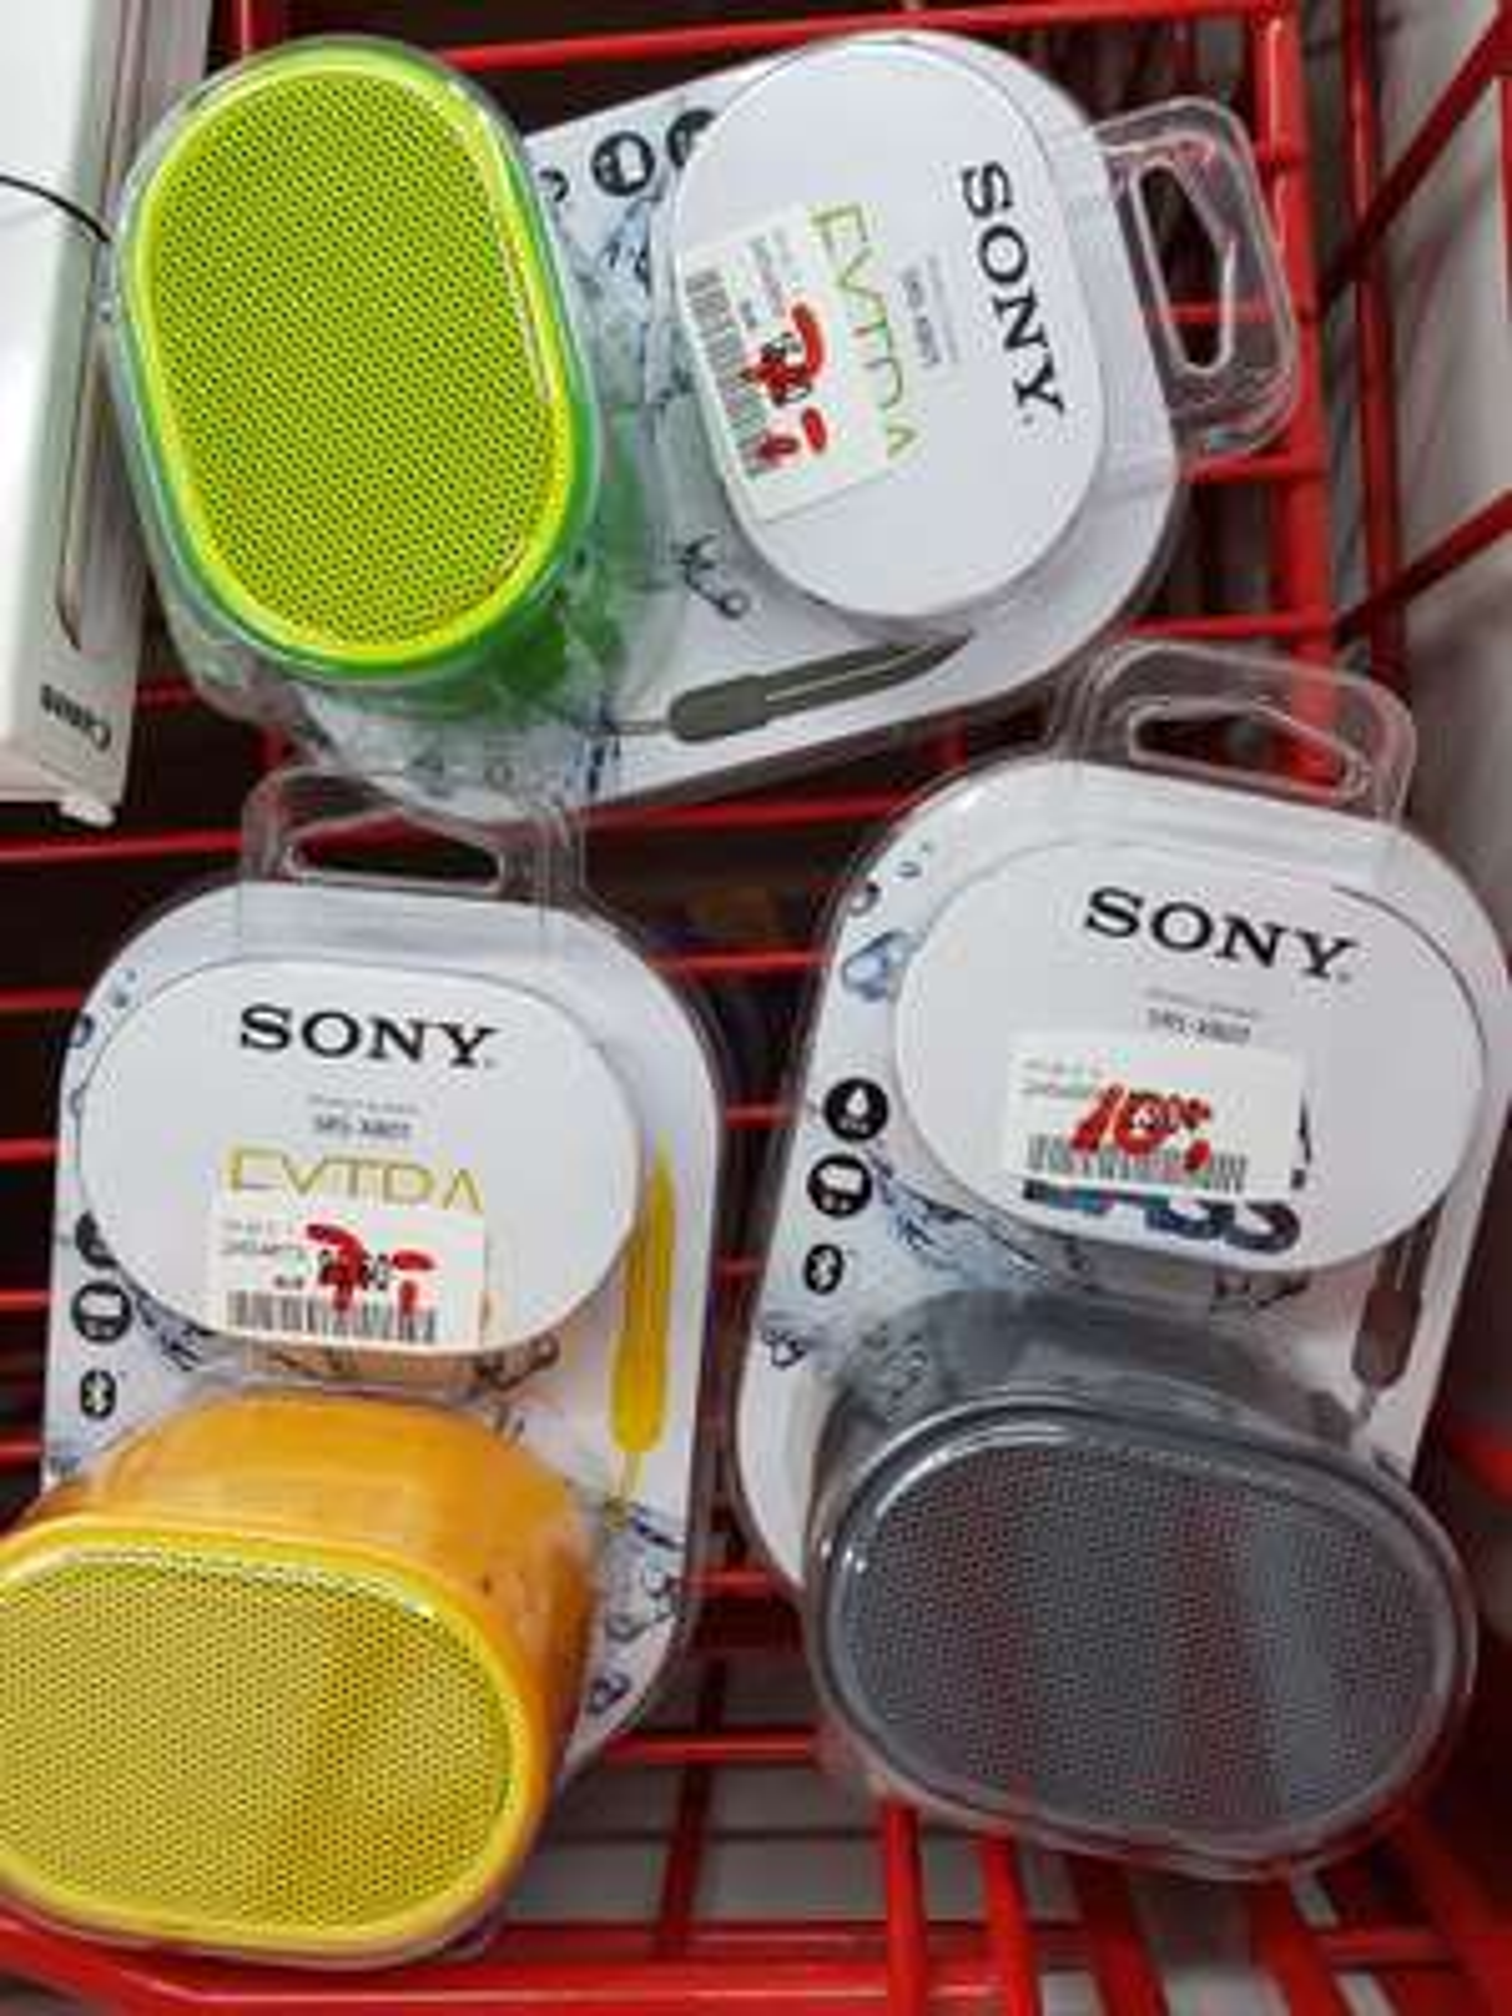 [Lokal] Media Markt Esslingen: Sony SRS-XB01 Bluetooth Lautsprecher